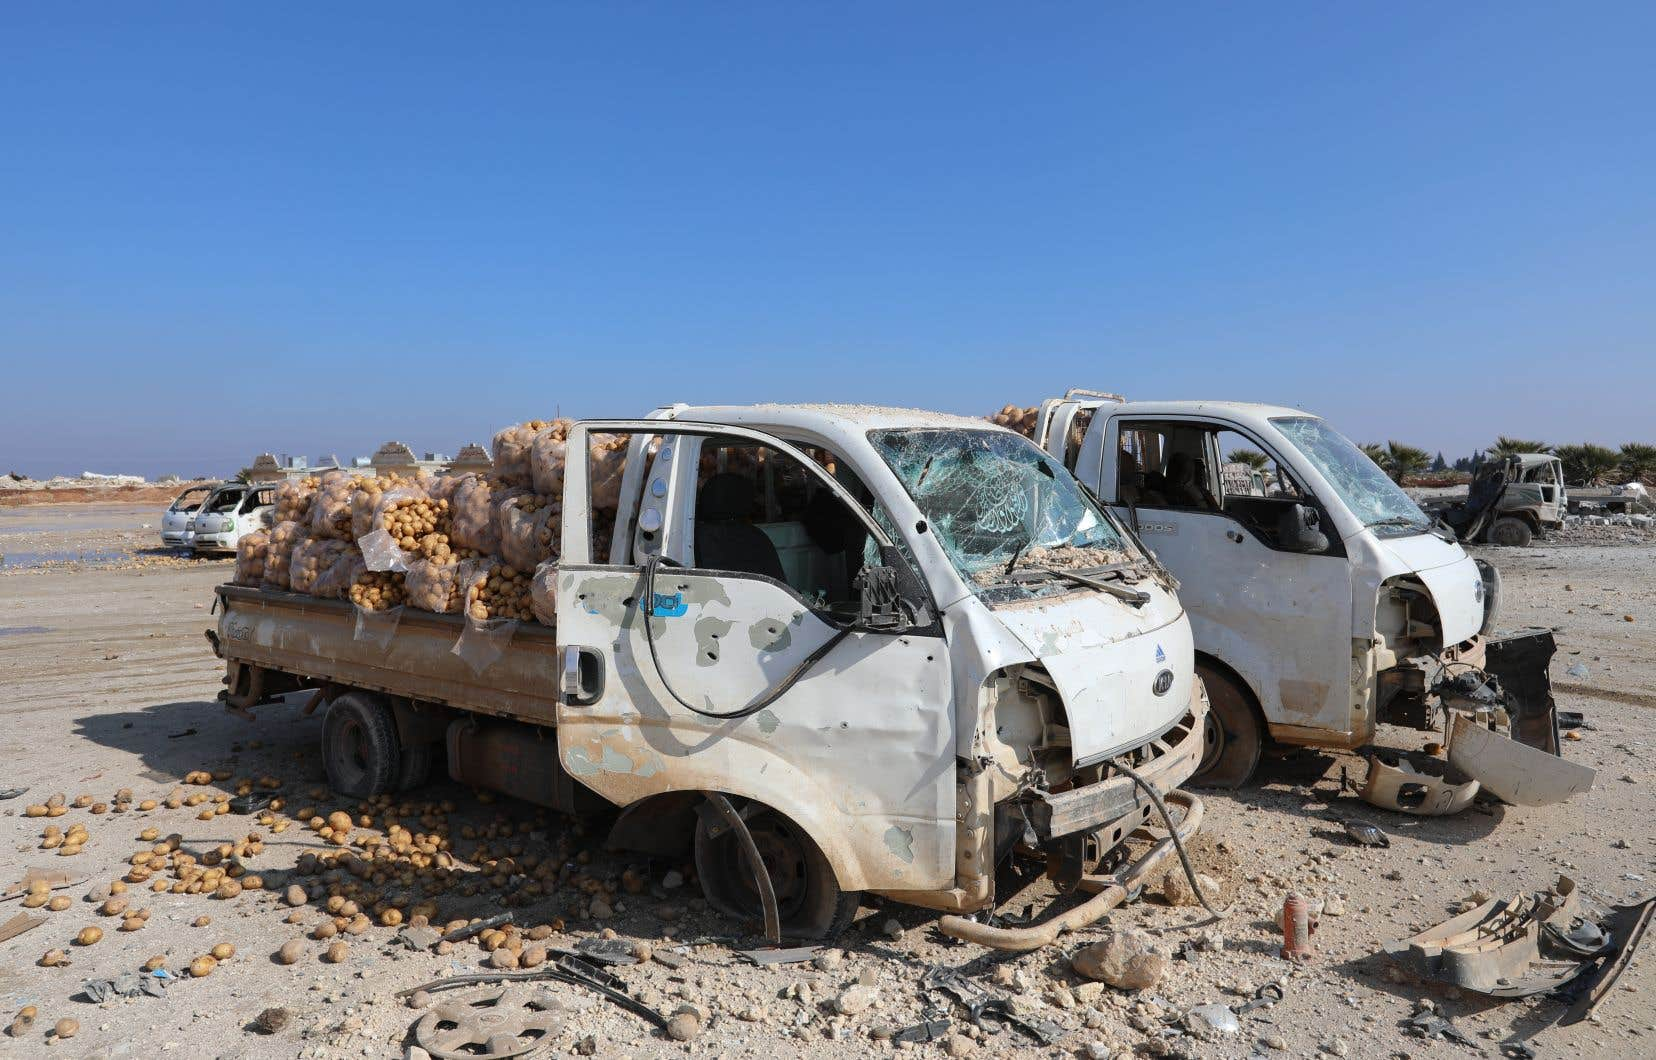 Des camionnettes chargéees de sacs de pommes de terre sont abandonnées à Saraqeb, dans la province d'Idleb, à la suite de frappes aériennes des forces gouvernementales, lundi.